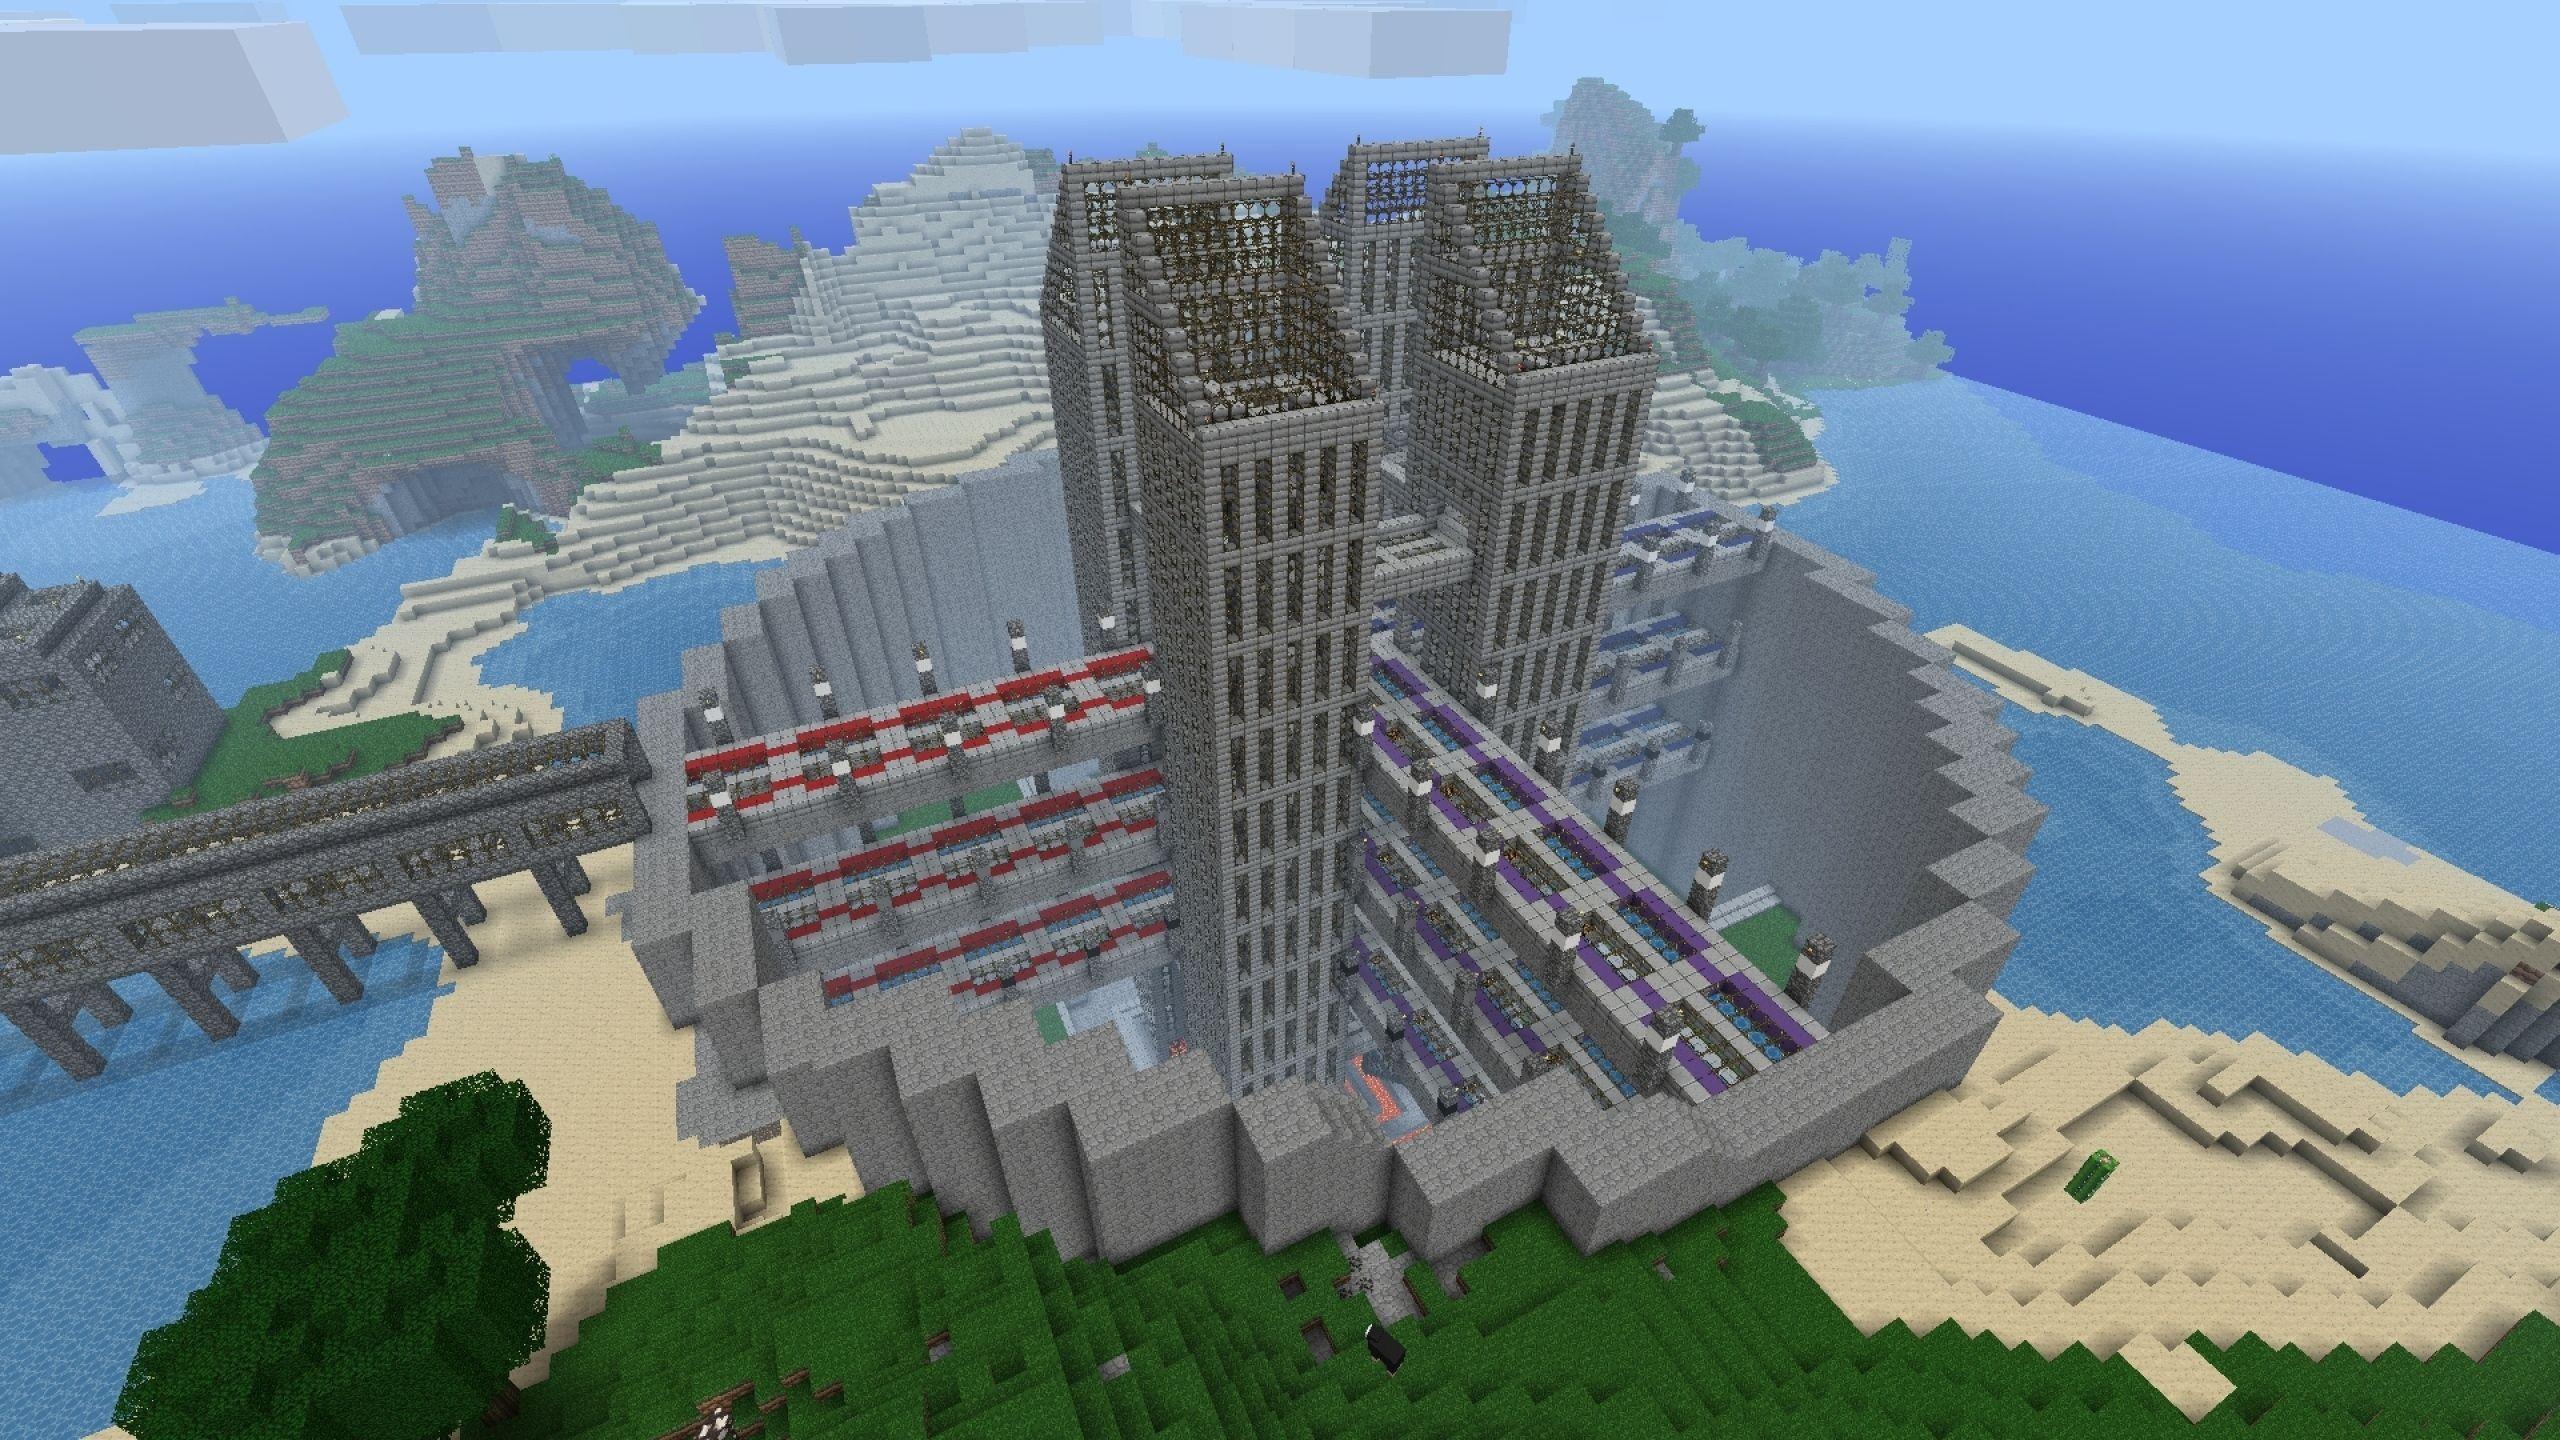 Minecraft Backgrounds Wallpaper Игры